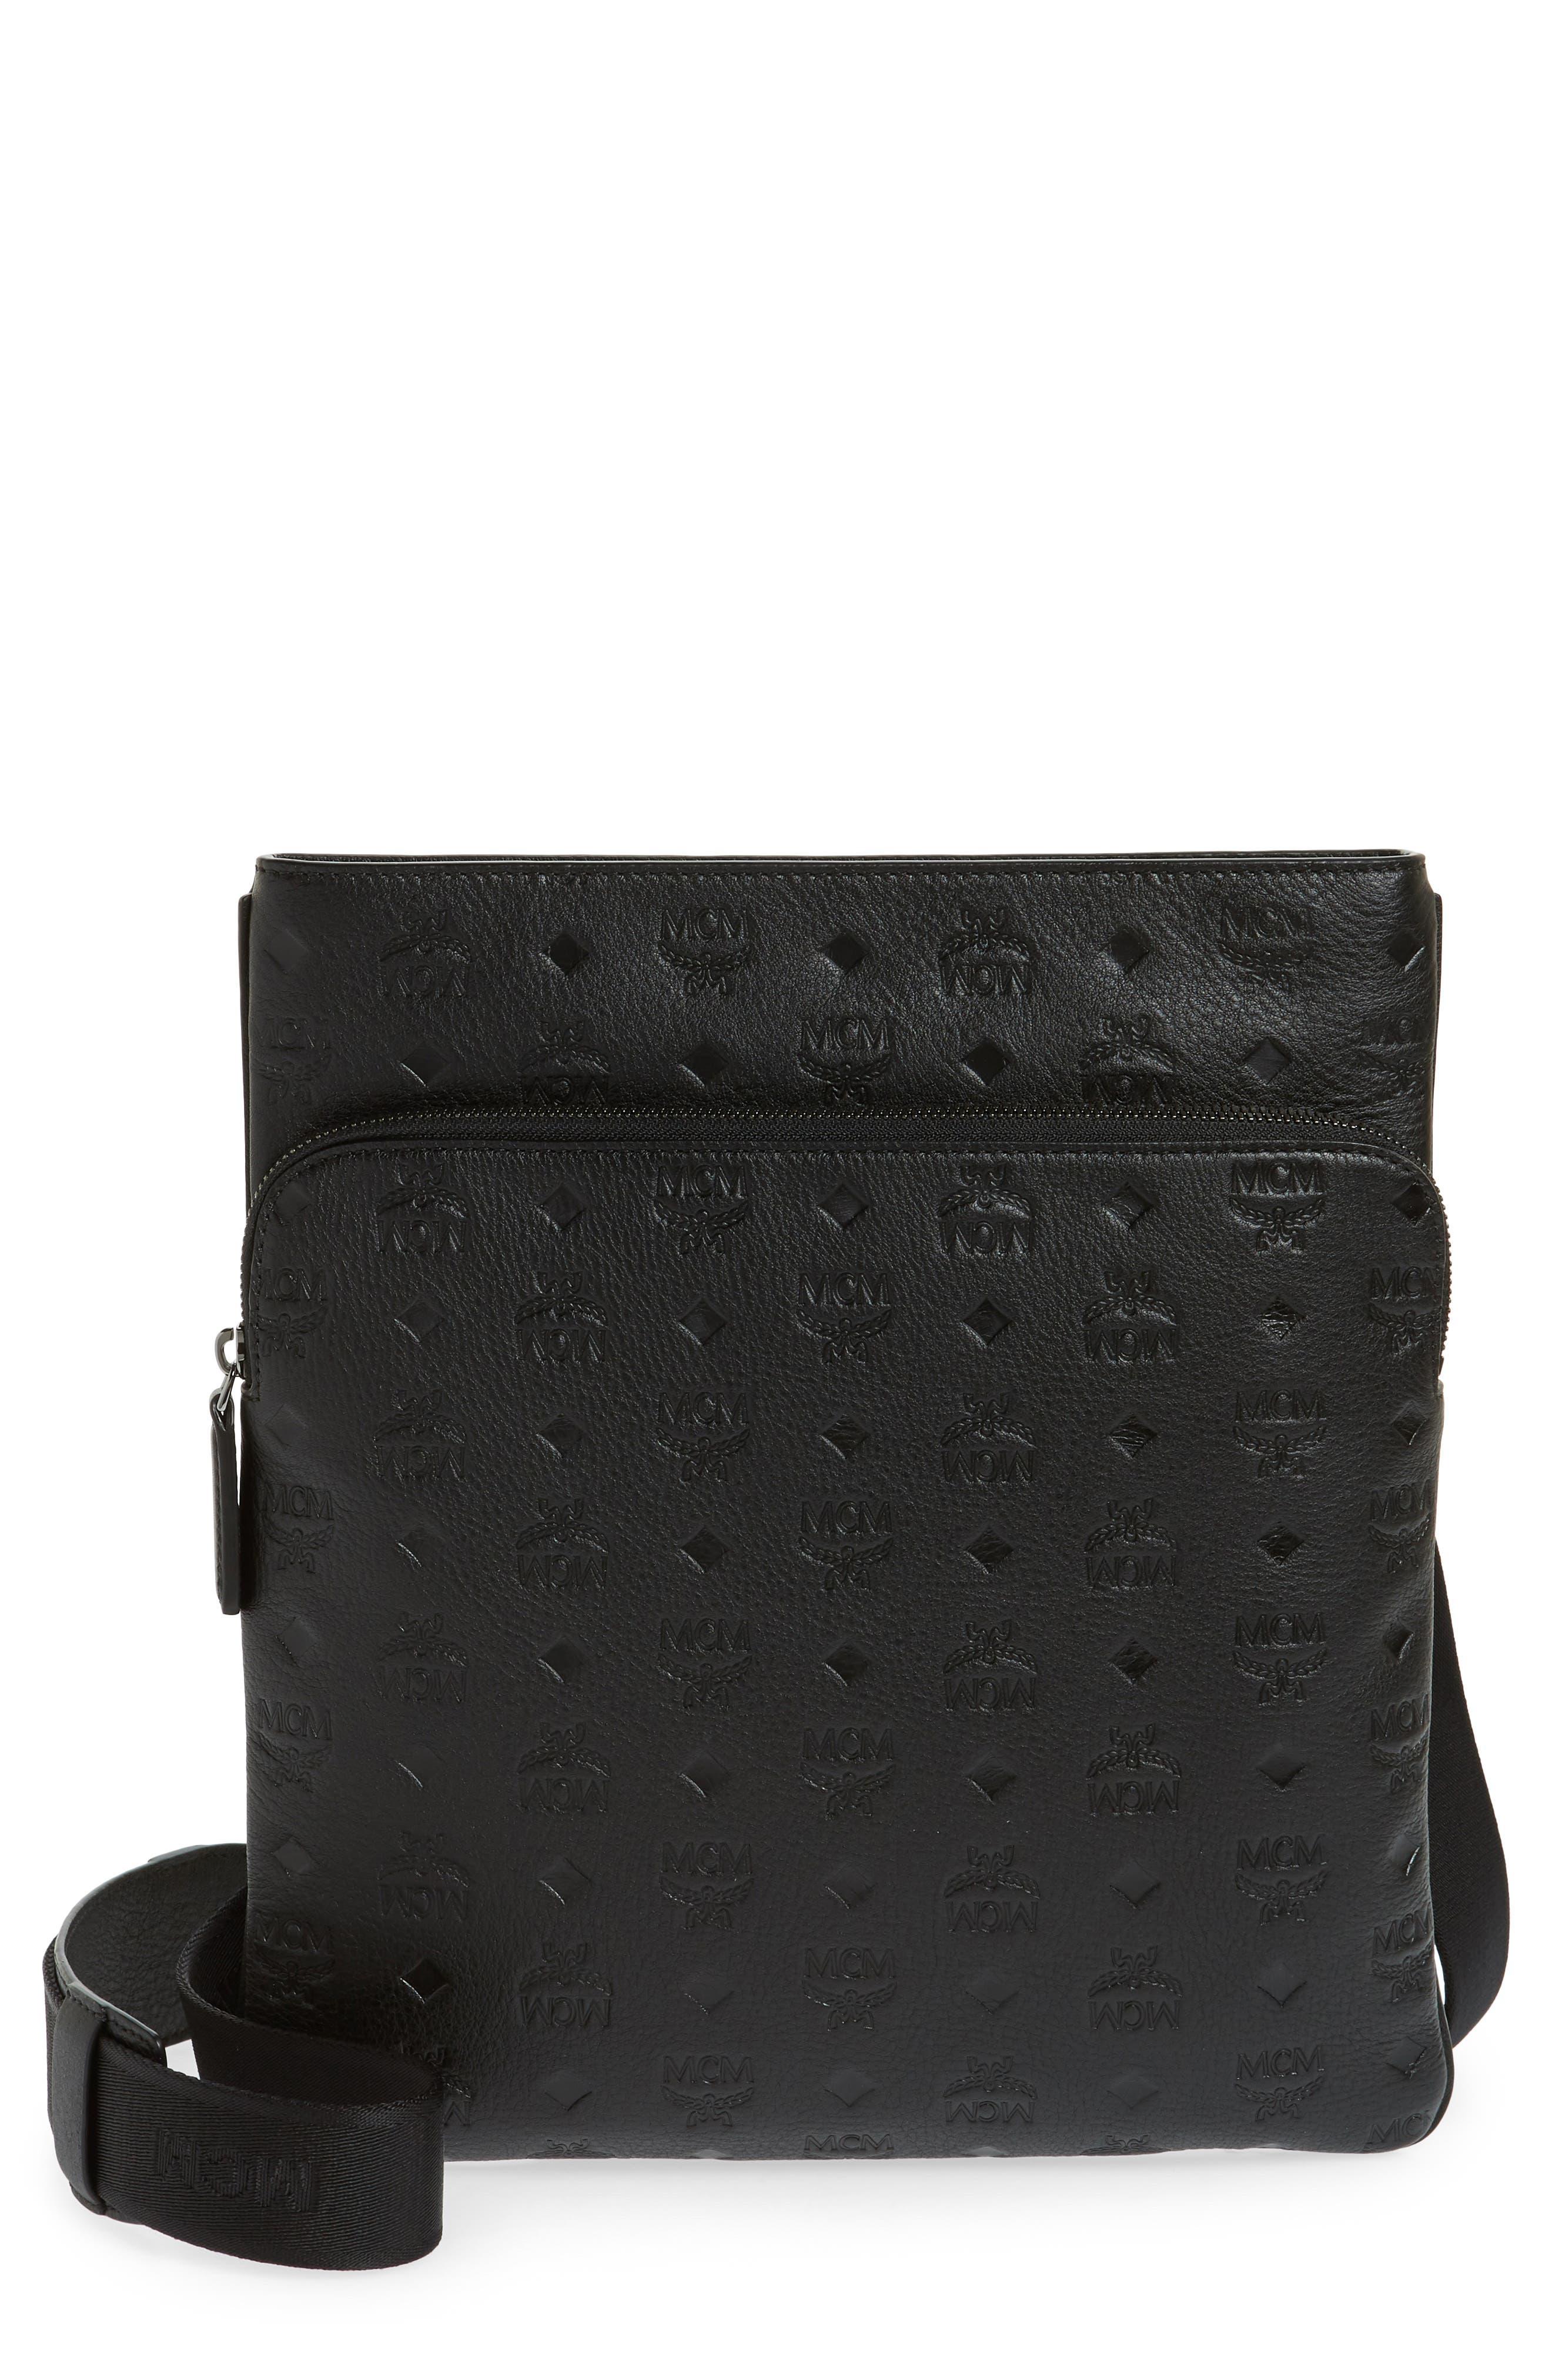 Ottomar Leather Crossbody Bag,                             Main thumbnail 1, color,                             001